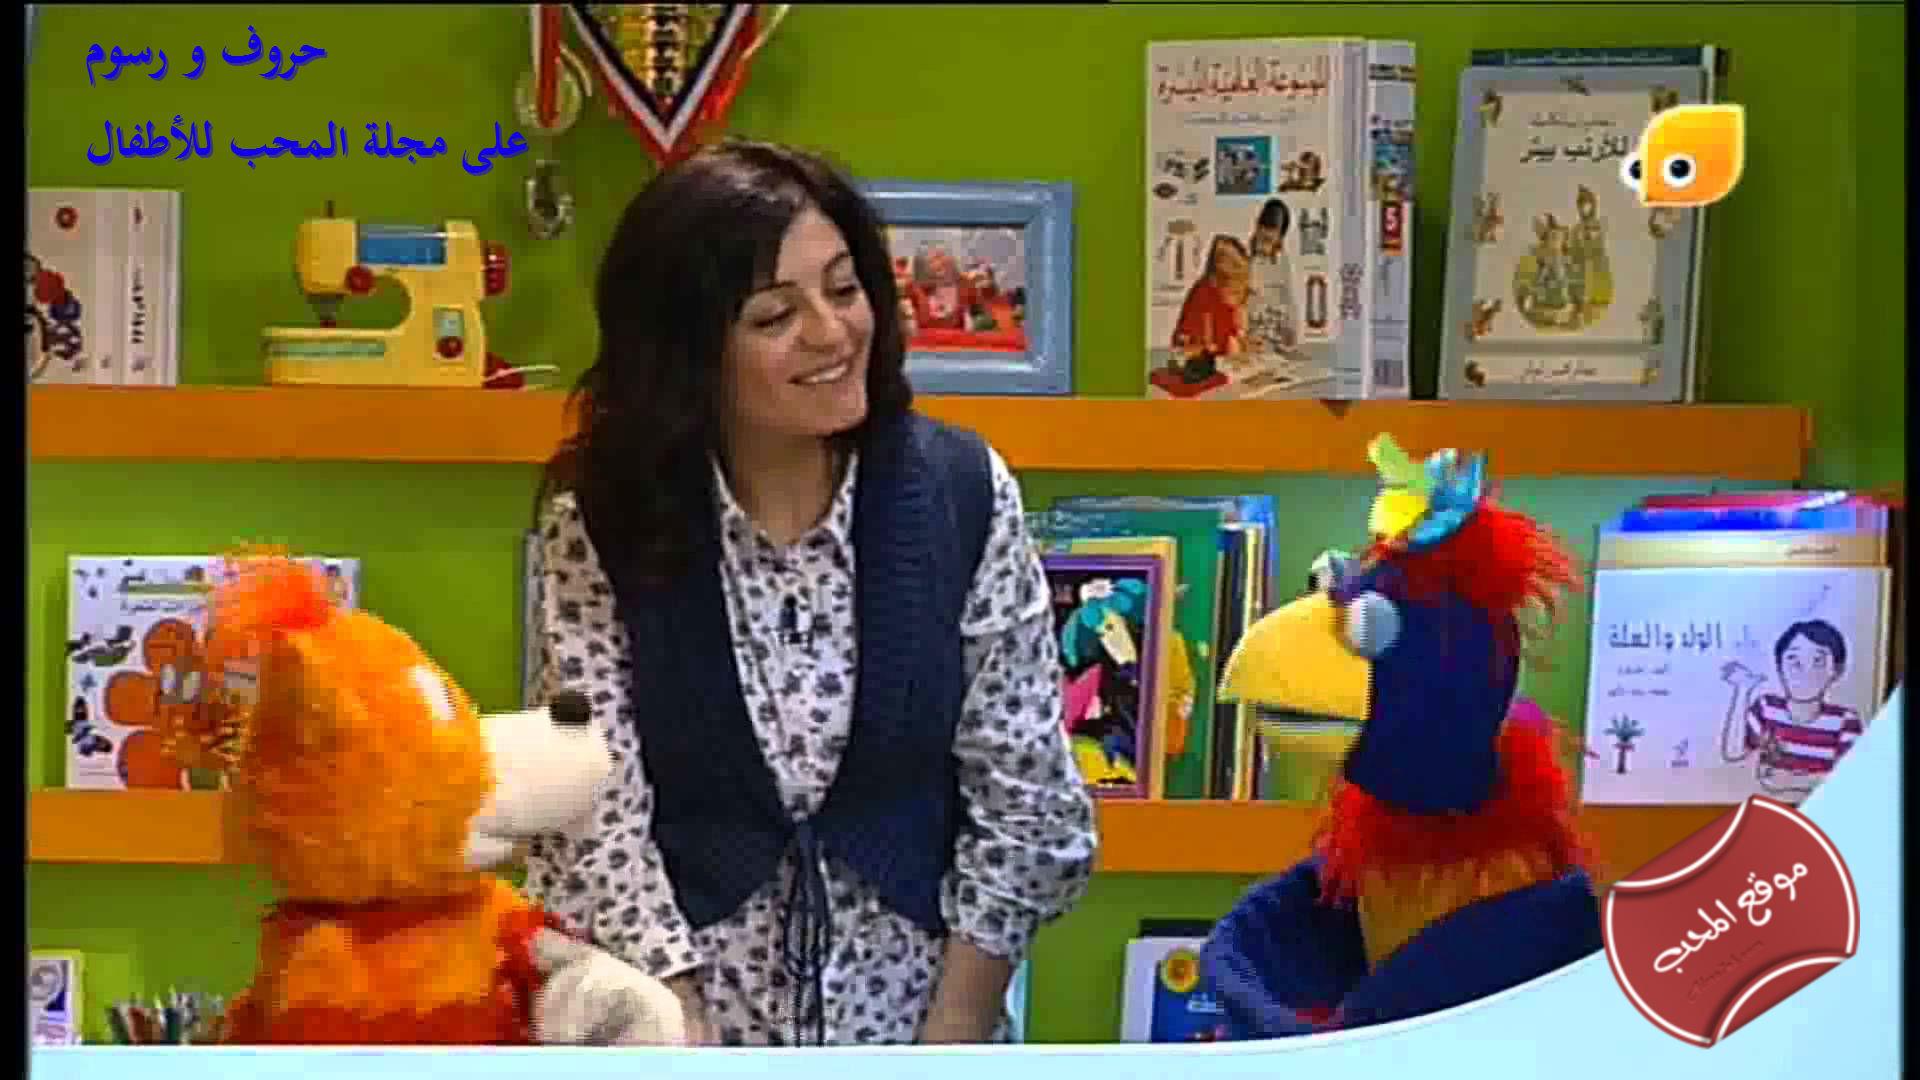 شاهد الكرتون التعليمي حروف ورسوم مع رانيا ونون hourouf-wa-rousoum